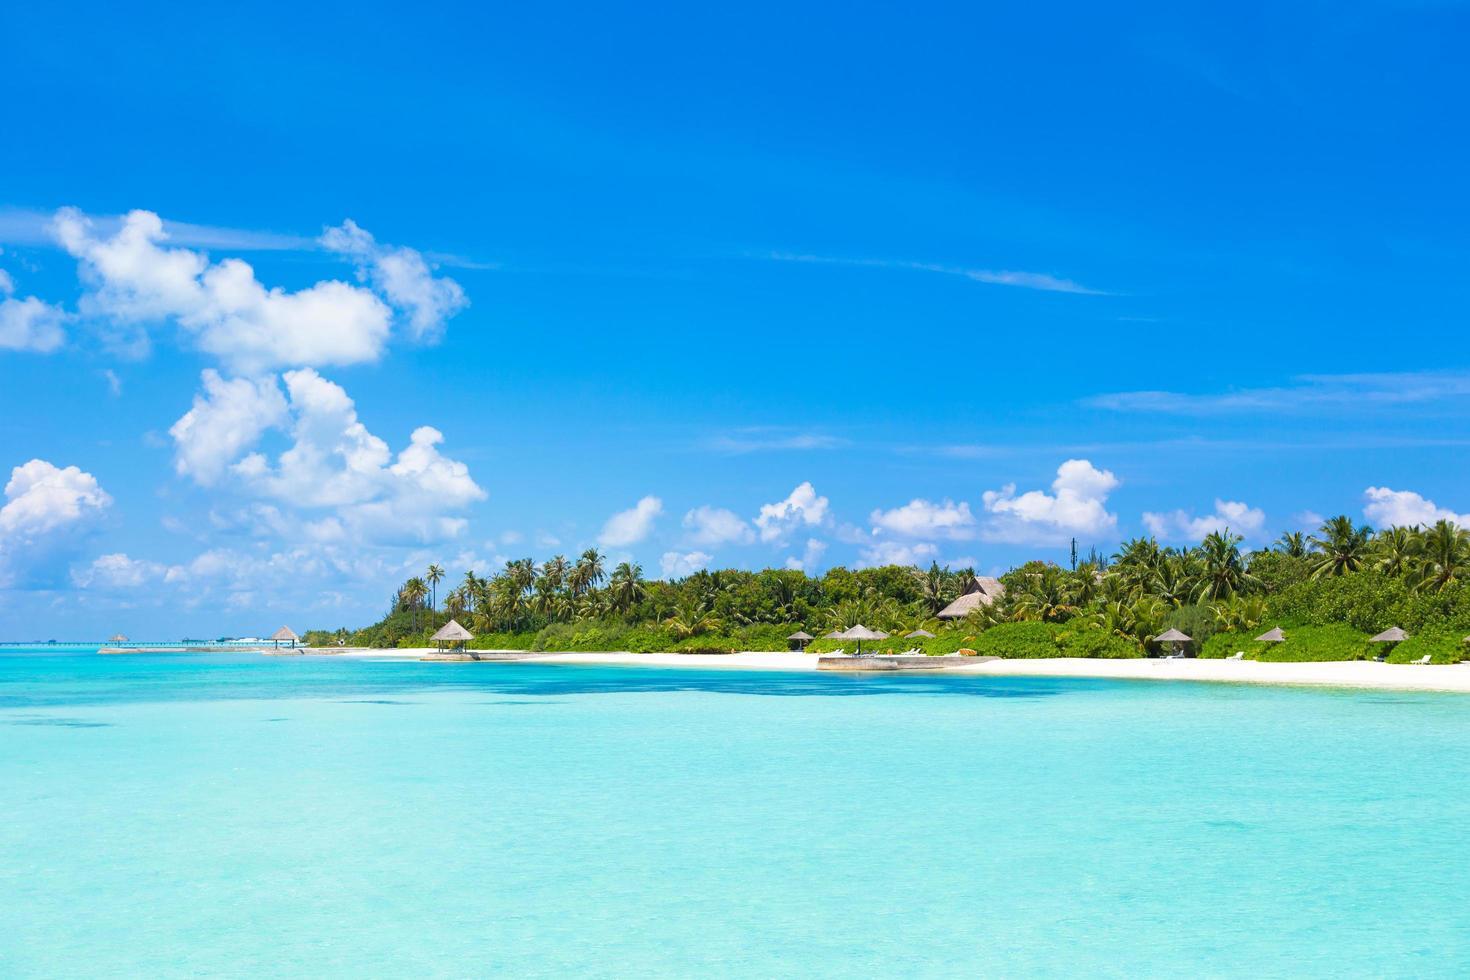 klares blaues Wasser in einem Resort foto